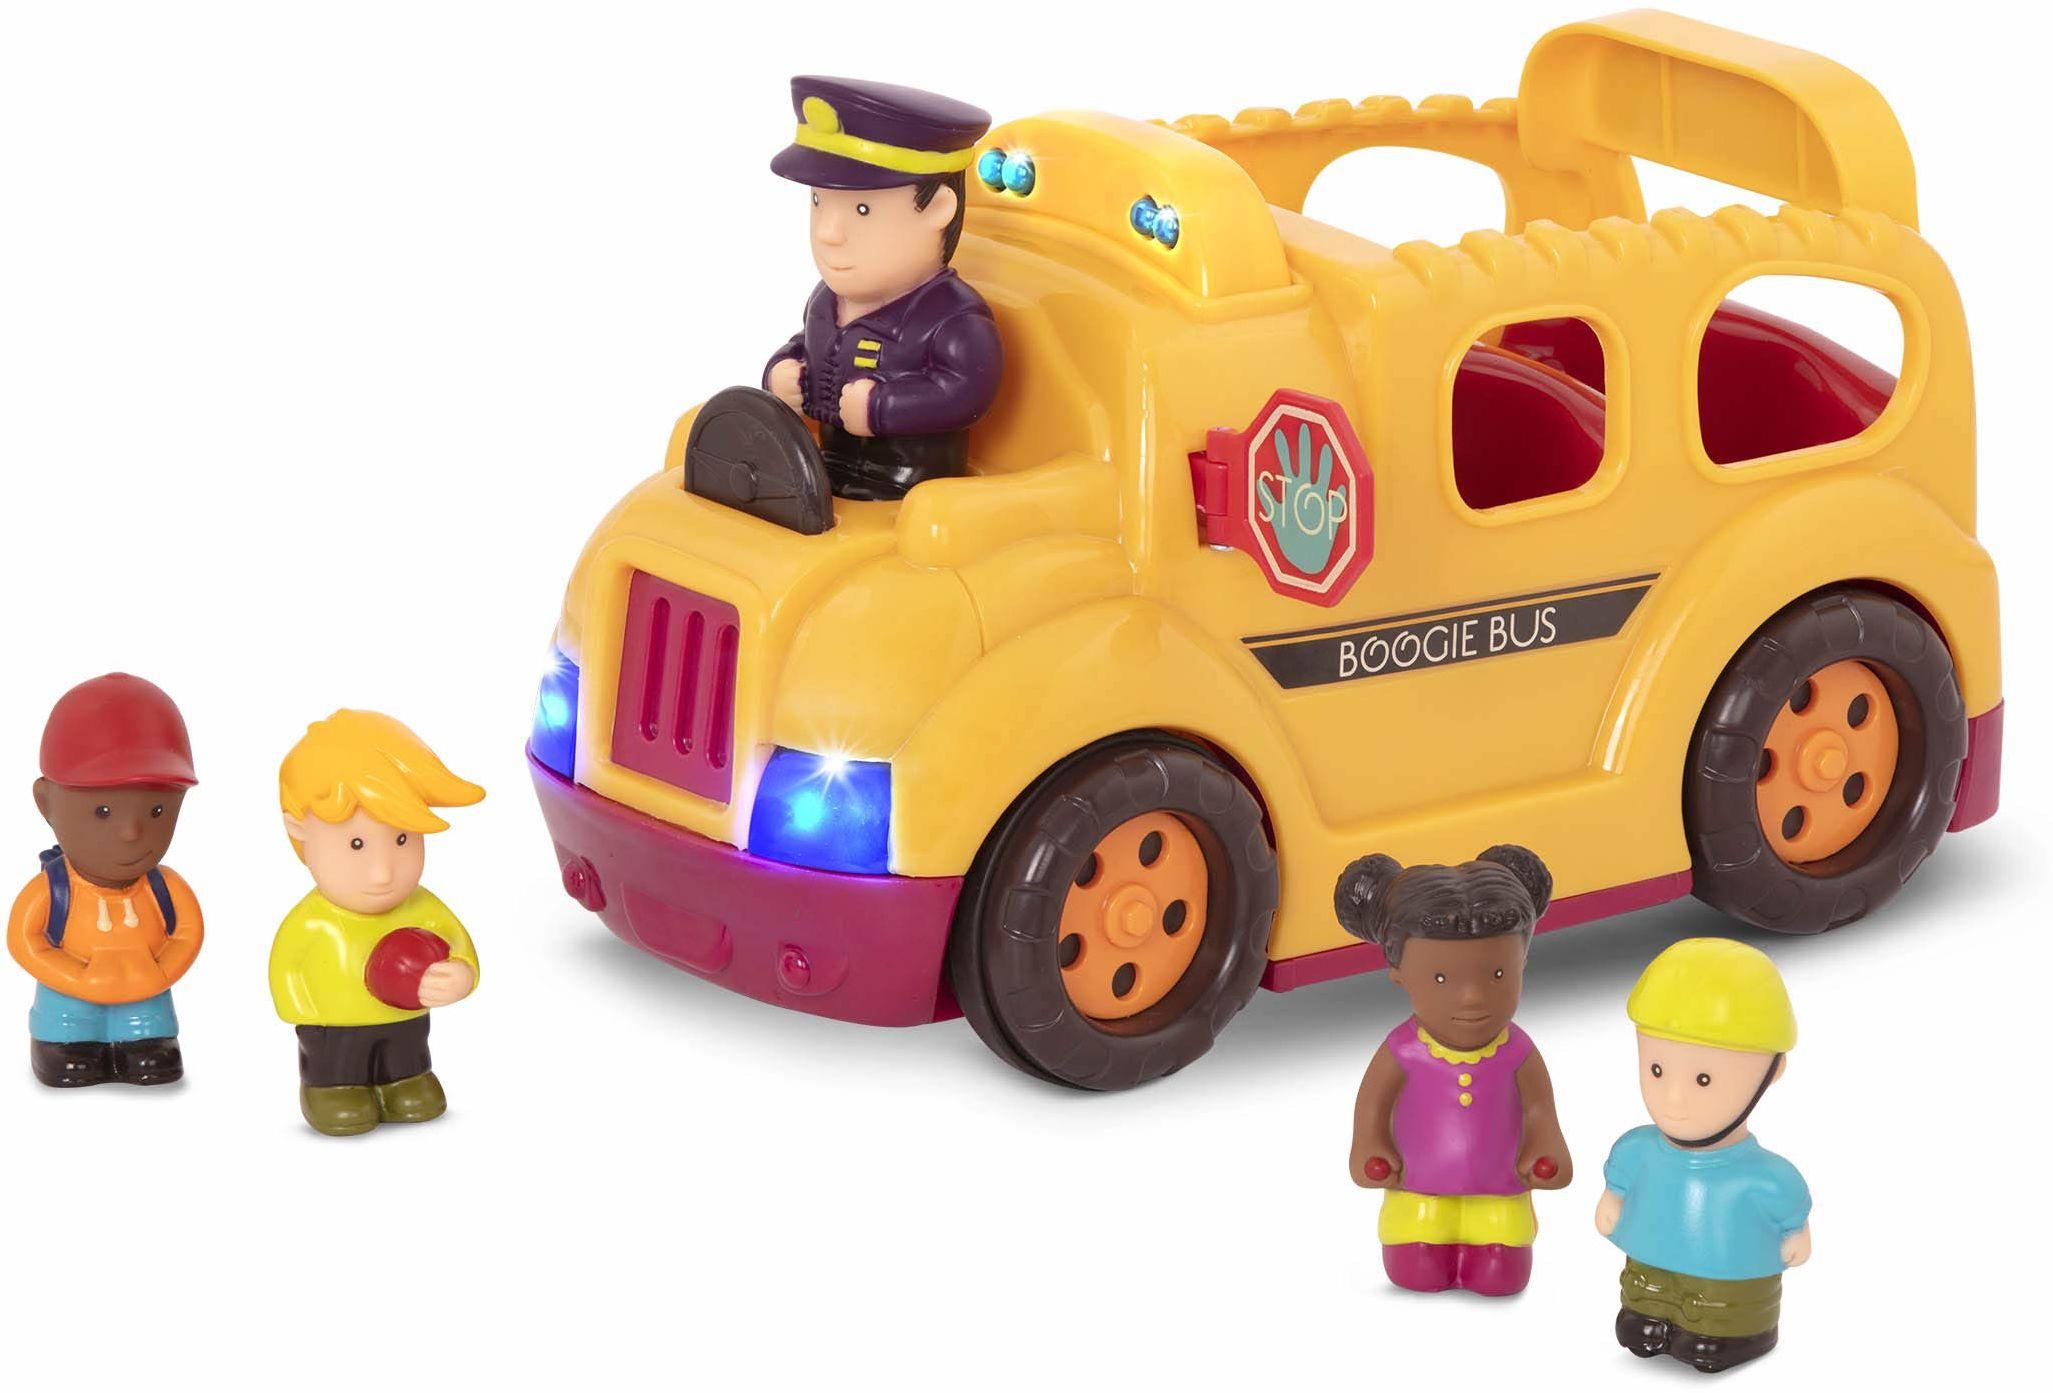 B. toys by Battat Boogie Bus  interaktywny autobus szkolny z 5 figurkami, światłami i dźwiękami dla dzieci od 18 miesięcy